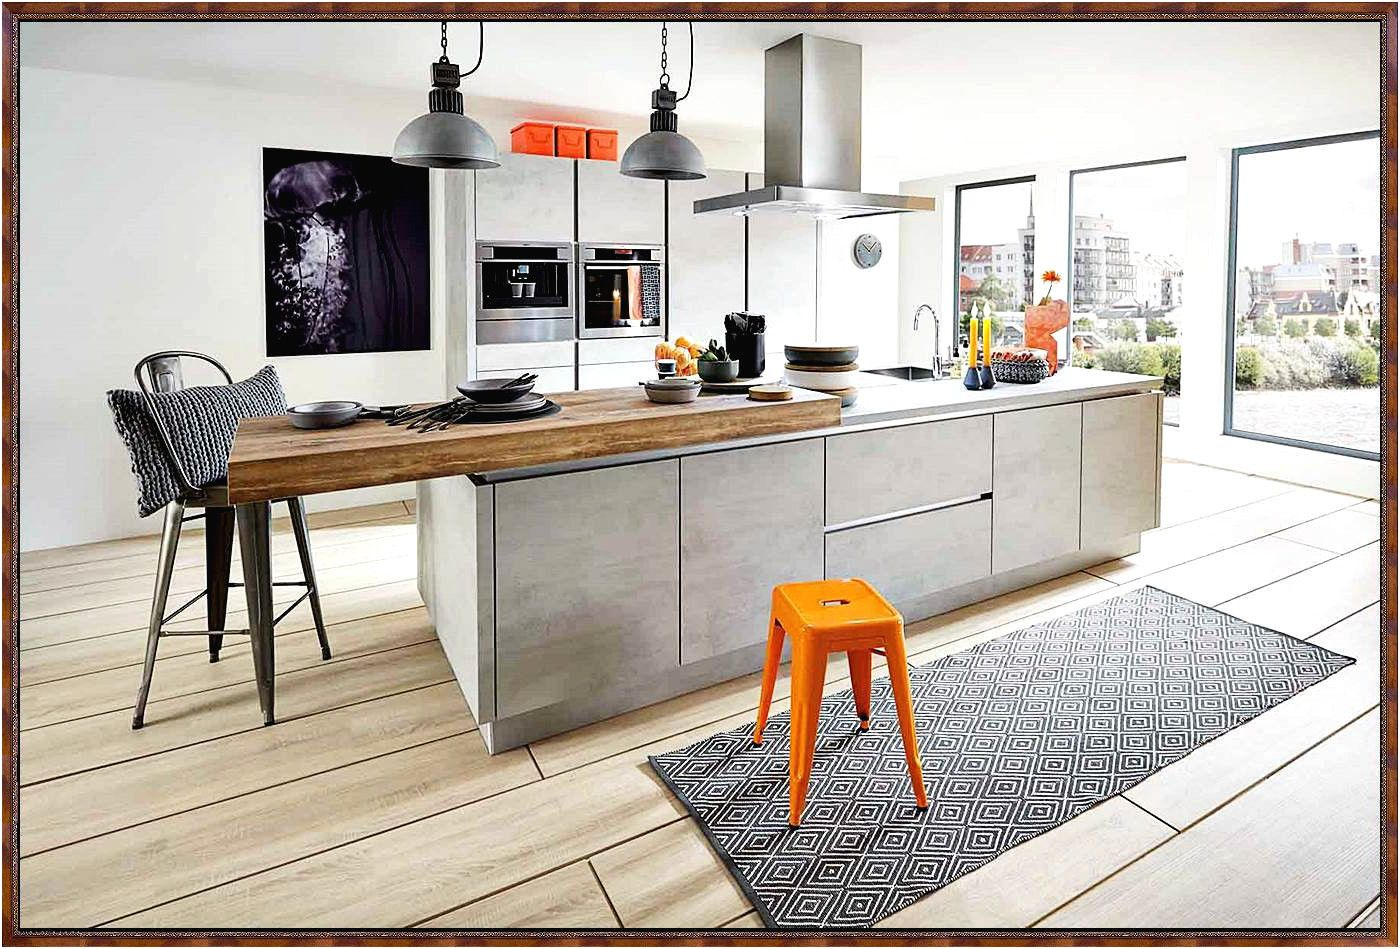 Ungewohnlich Hoffner Schlafcouch In 2020 Kitchen Decor Apartment Kitchen Trends Modern Kitchen